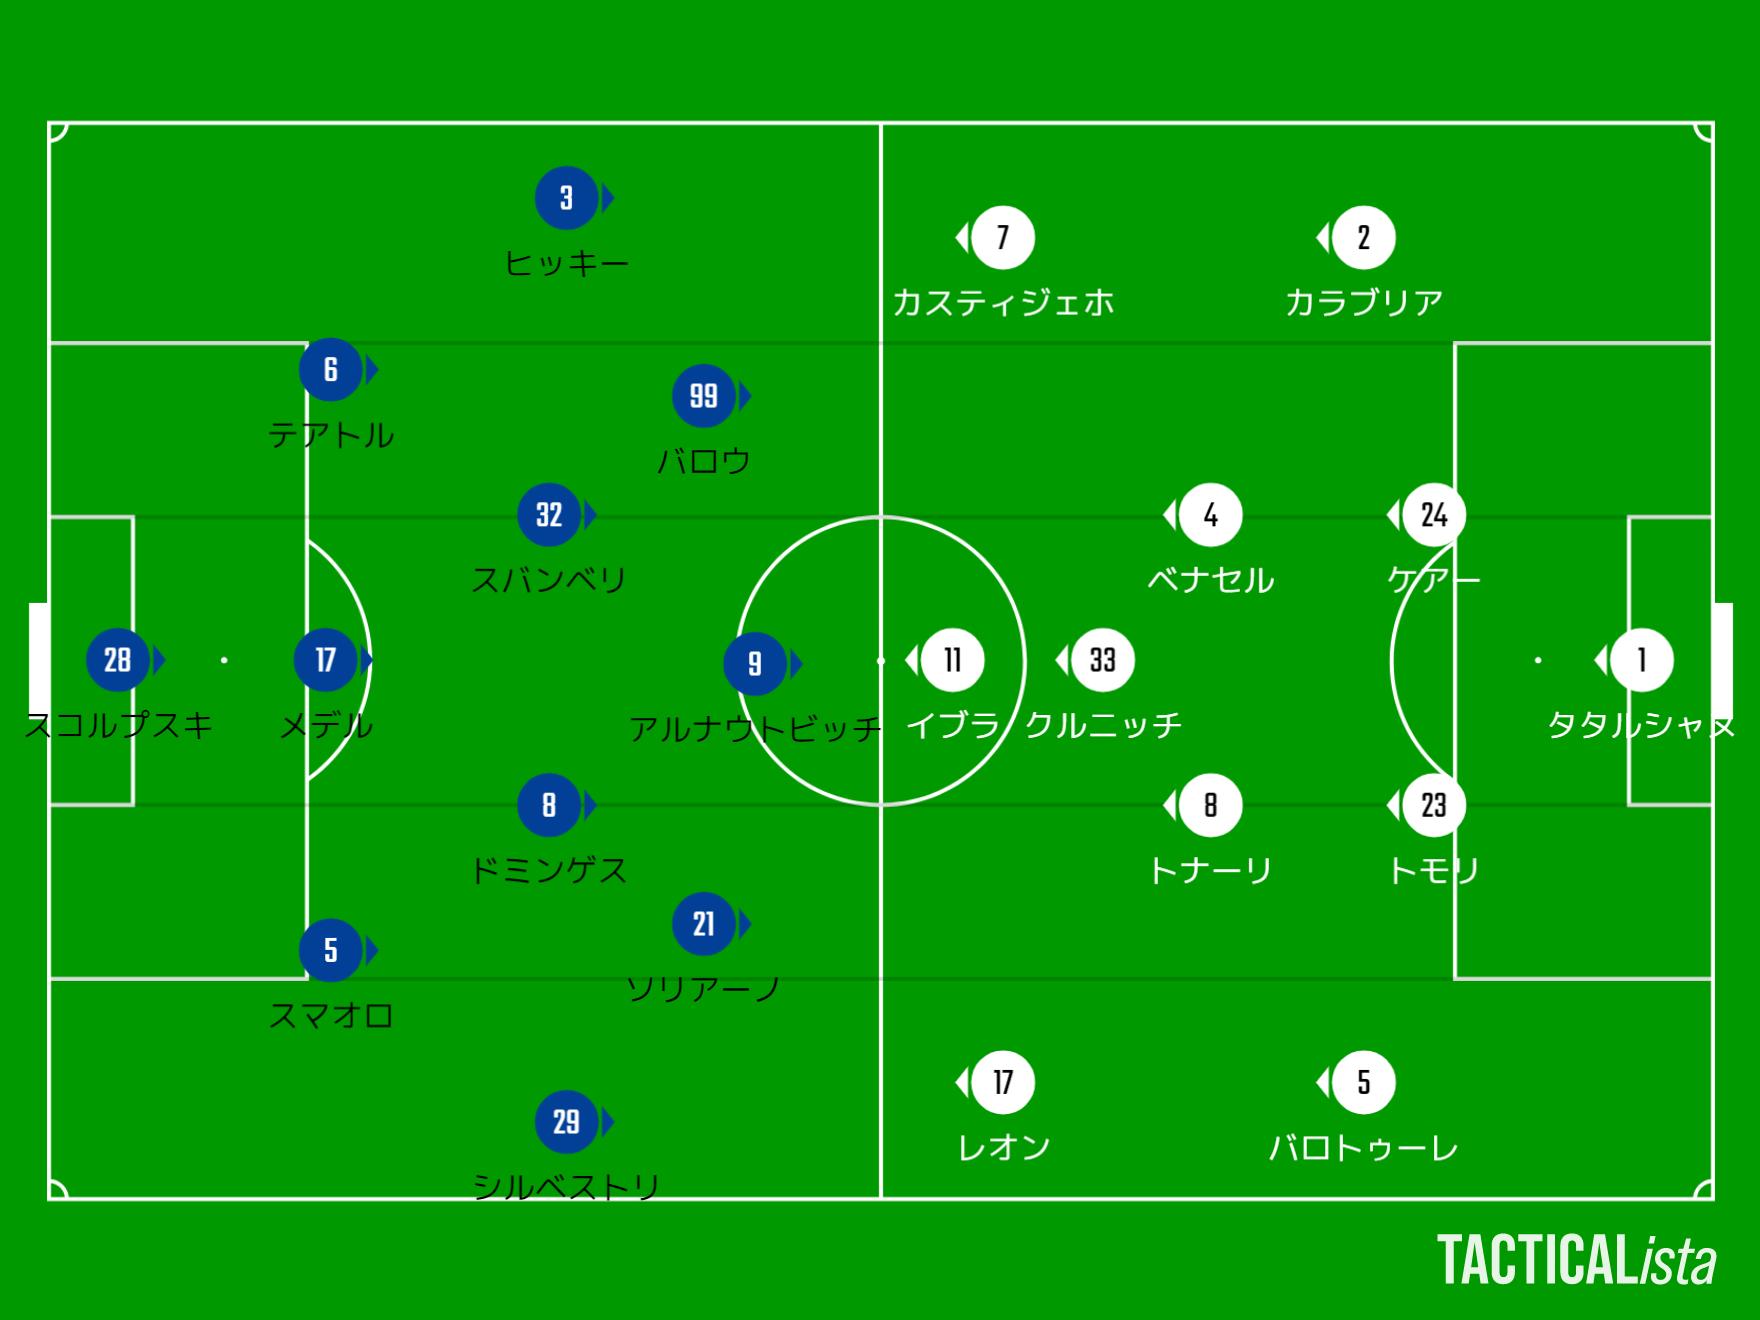 【21-22】ボローニャ対ミラン_スタメン_TACTICALista_202110242238